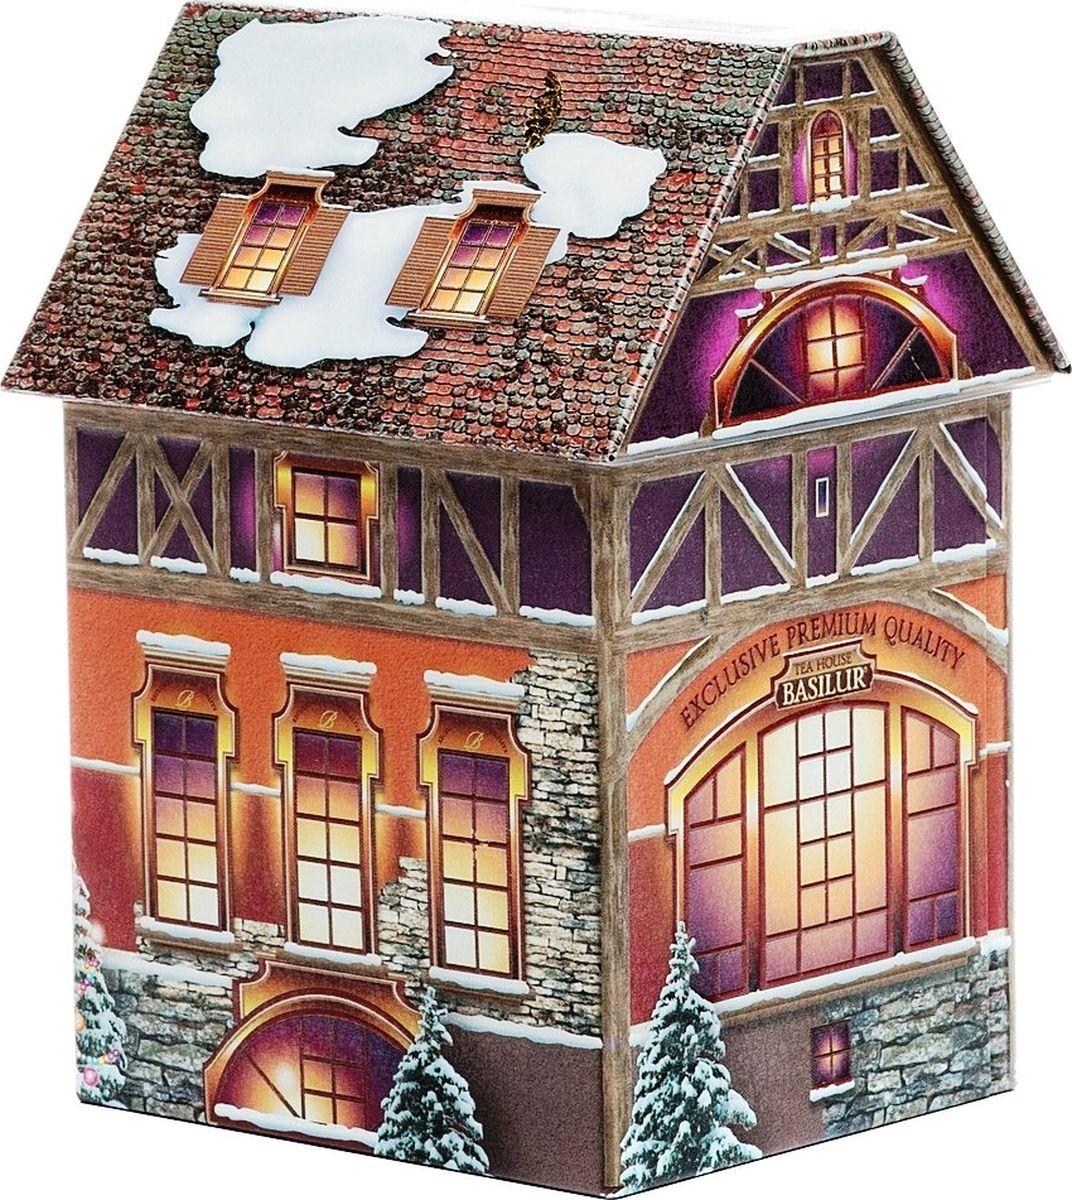 Basilur Рождественский домик черный листовой чай с ароматом марципана, 100 г70275-00Чай Basilur Рождественский домик не оставит вас равнодушным. Жестяная баночка выполнена в форме красивого домика со съемной крышей. Несмотря на зимний дизайн, будет отличным подарком в любое время года. Чай порадует своим оригинальным вкусом и ароматом.